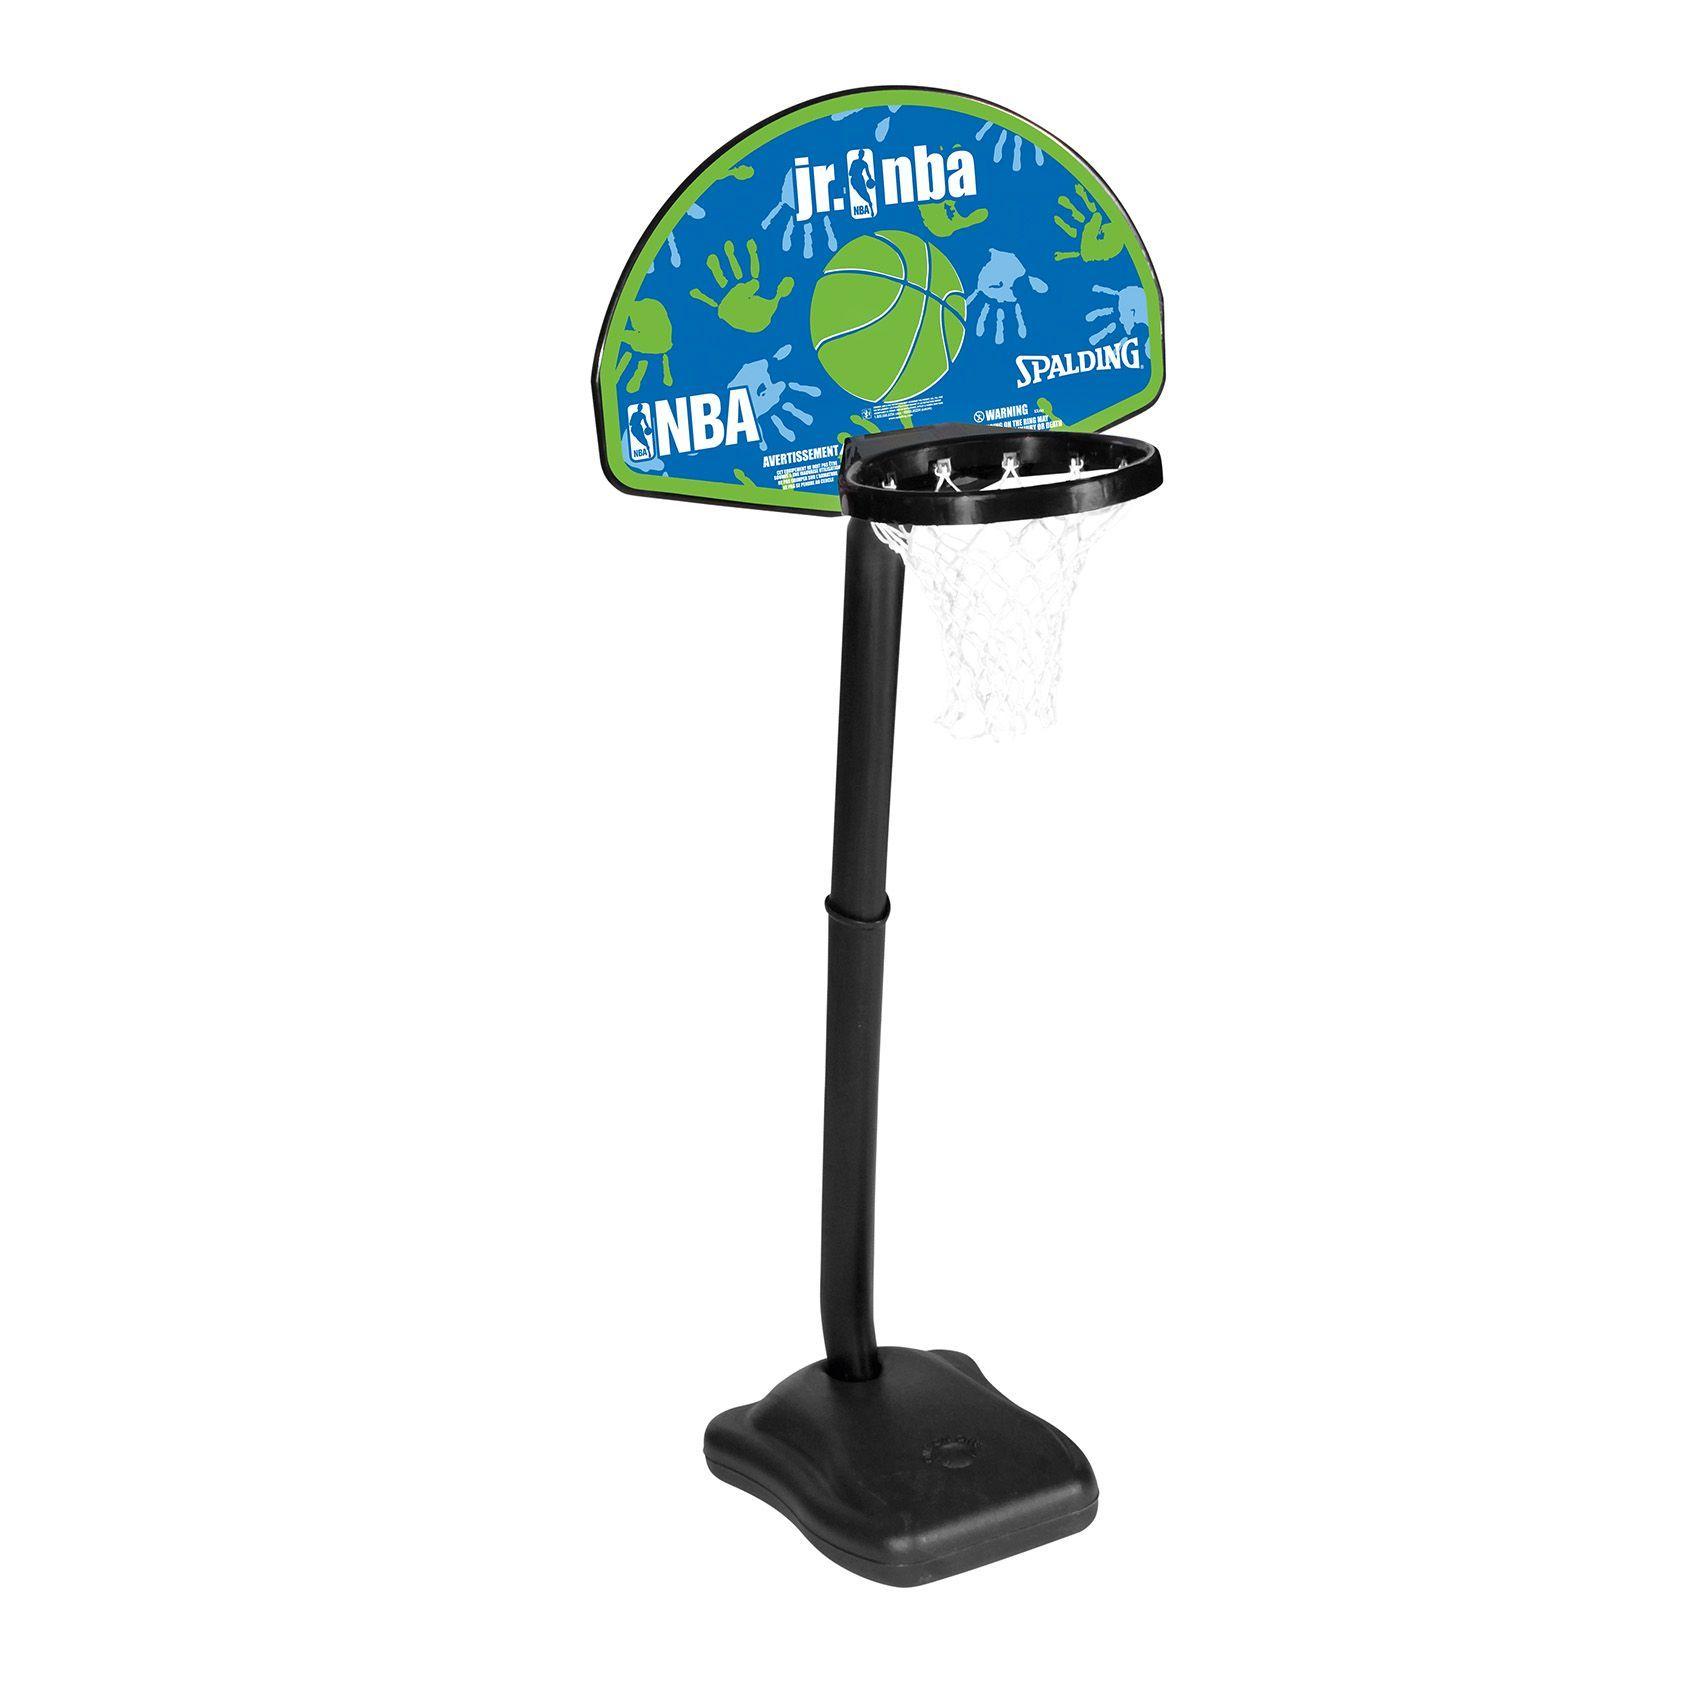 Canasta portable ideal para niños de hasta 6 años, incluida miniball, no requiere herramientas para el montaje www.basketspirit.com/Spalding/Canastas-aros-y-tableros-baloncesto